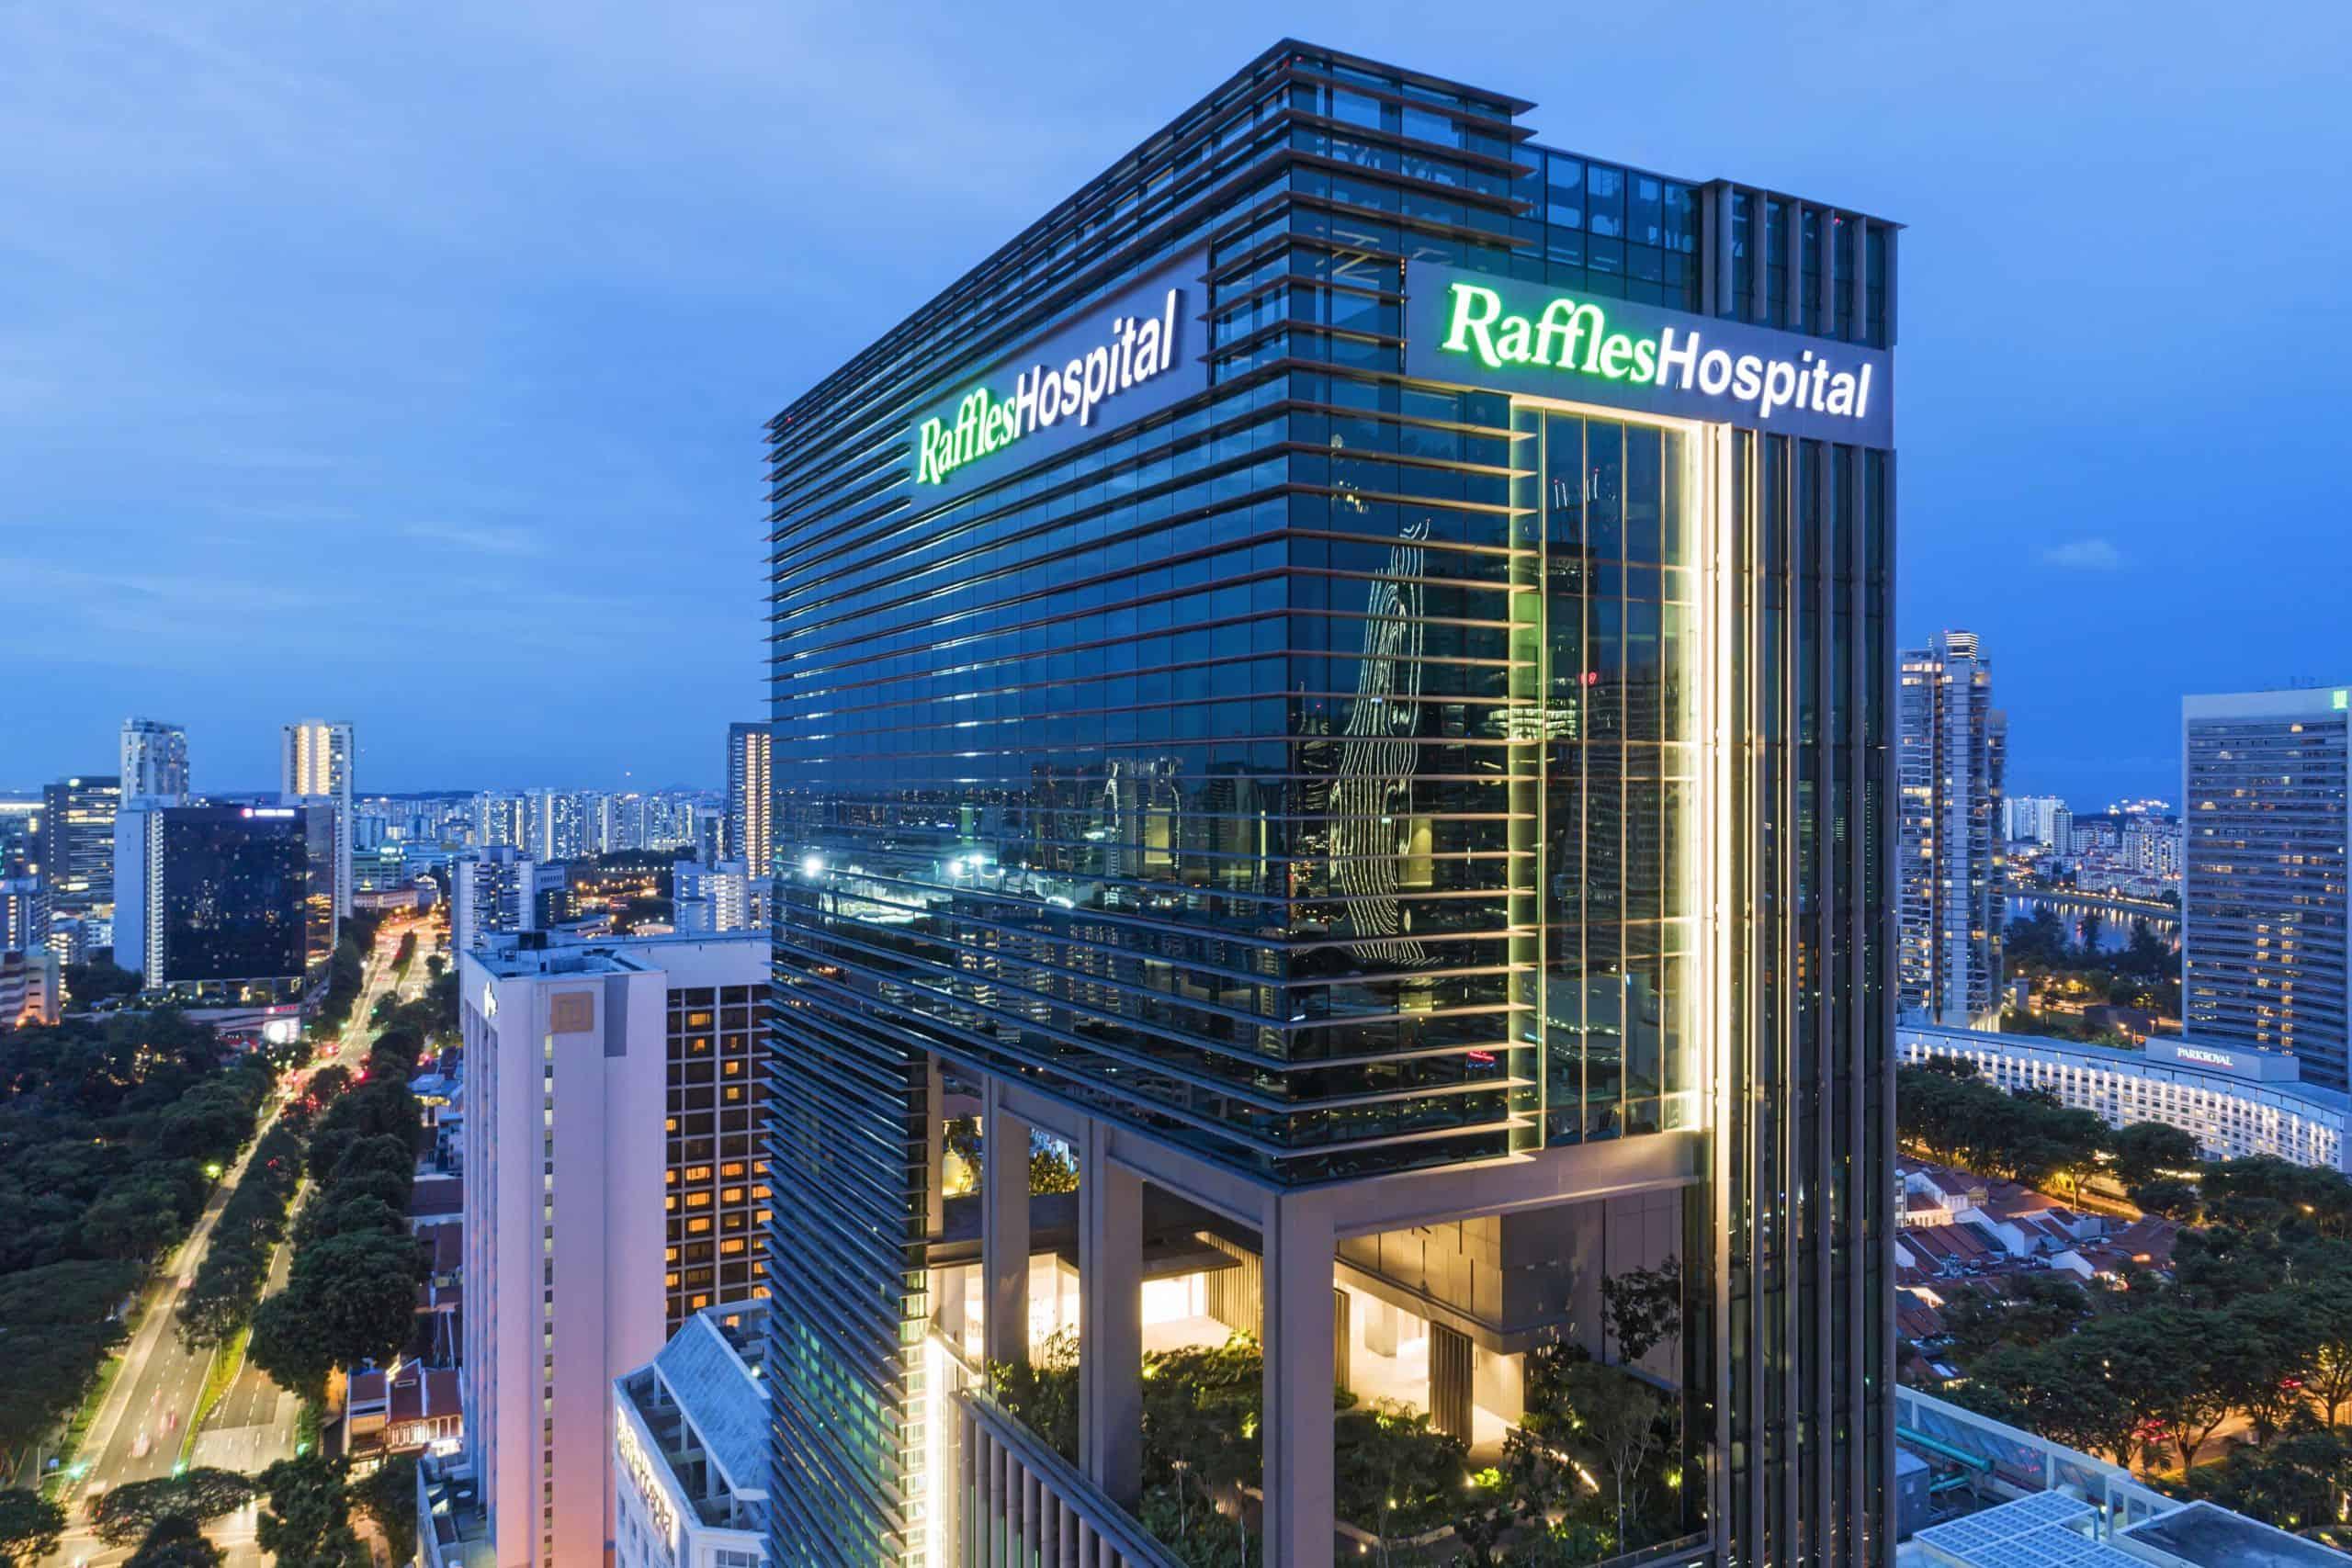 Raffles Hospital - Blue Hour_LR